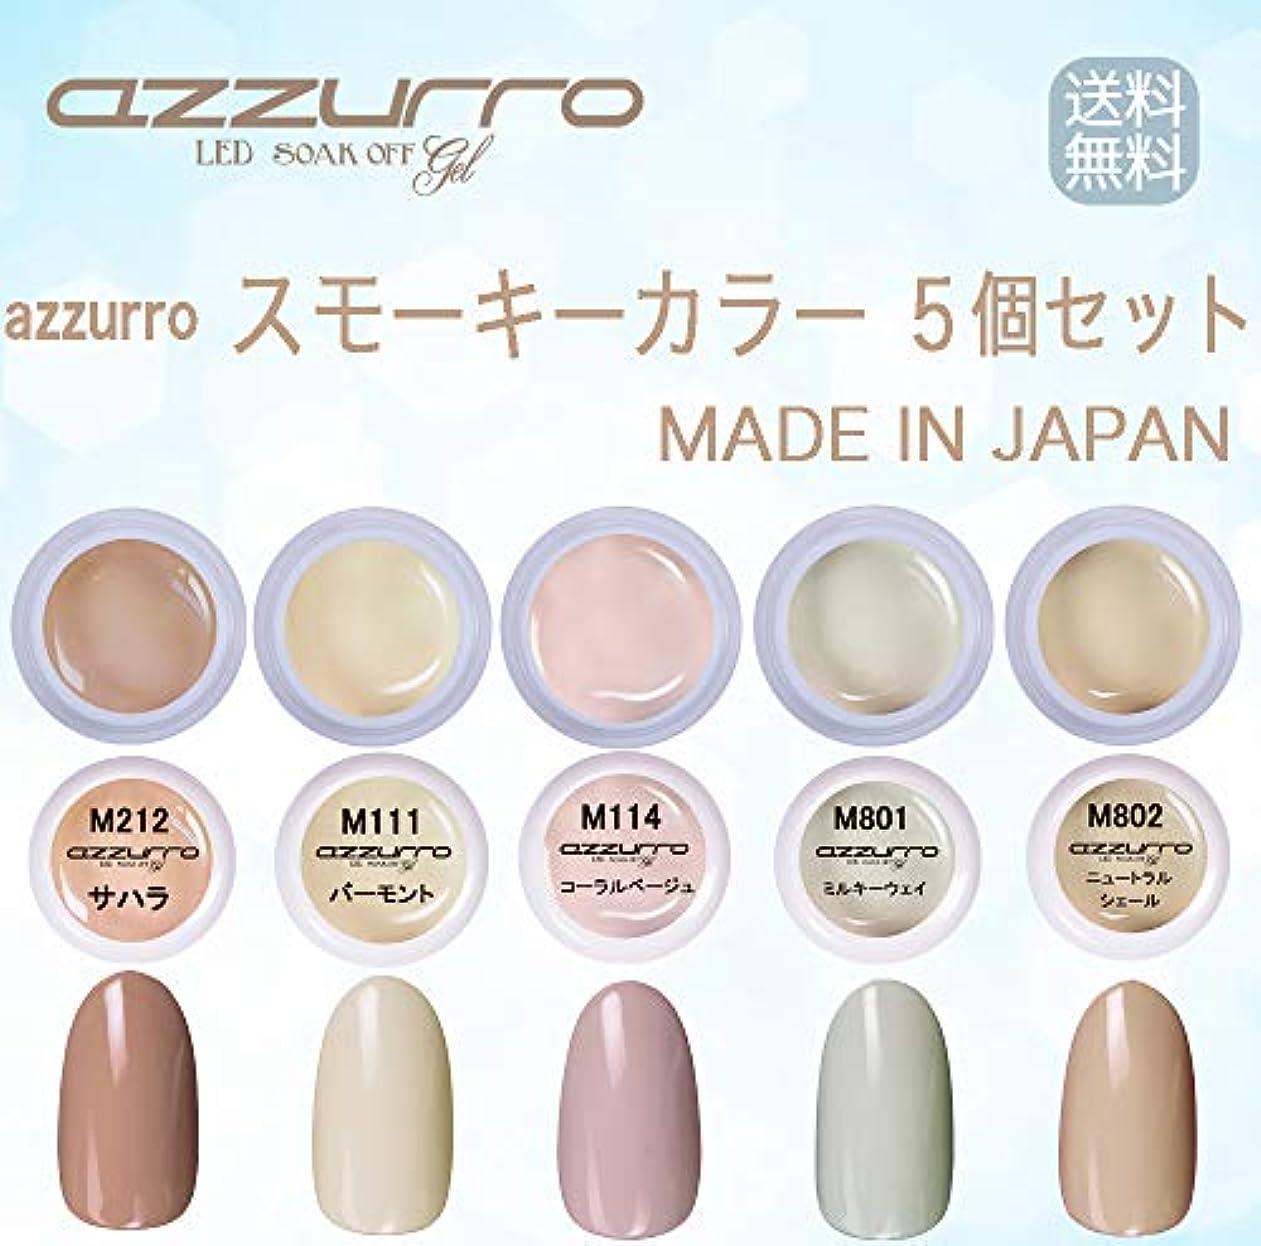 細菌ソース排出【送料無料】日本製 azzurro gel スモーキーカラー カラージェル5個セット 春ネイルにぴったりなスモーキーカラー